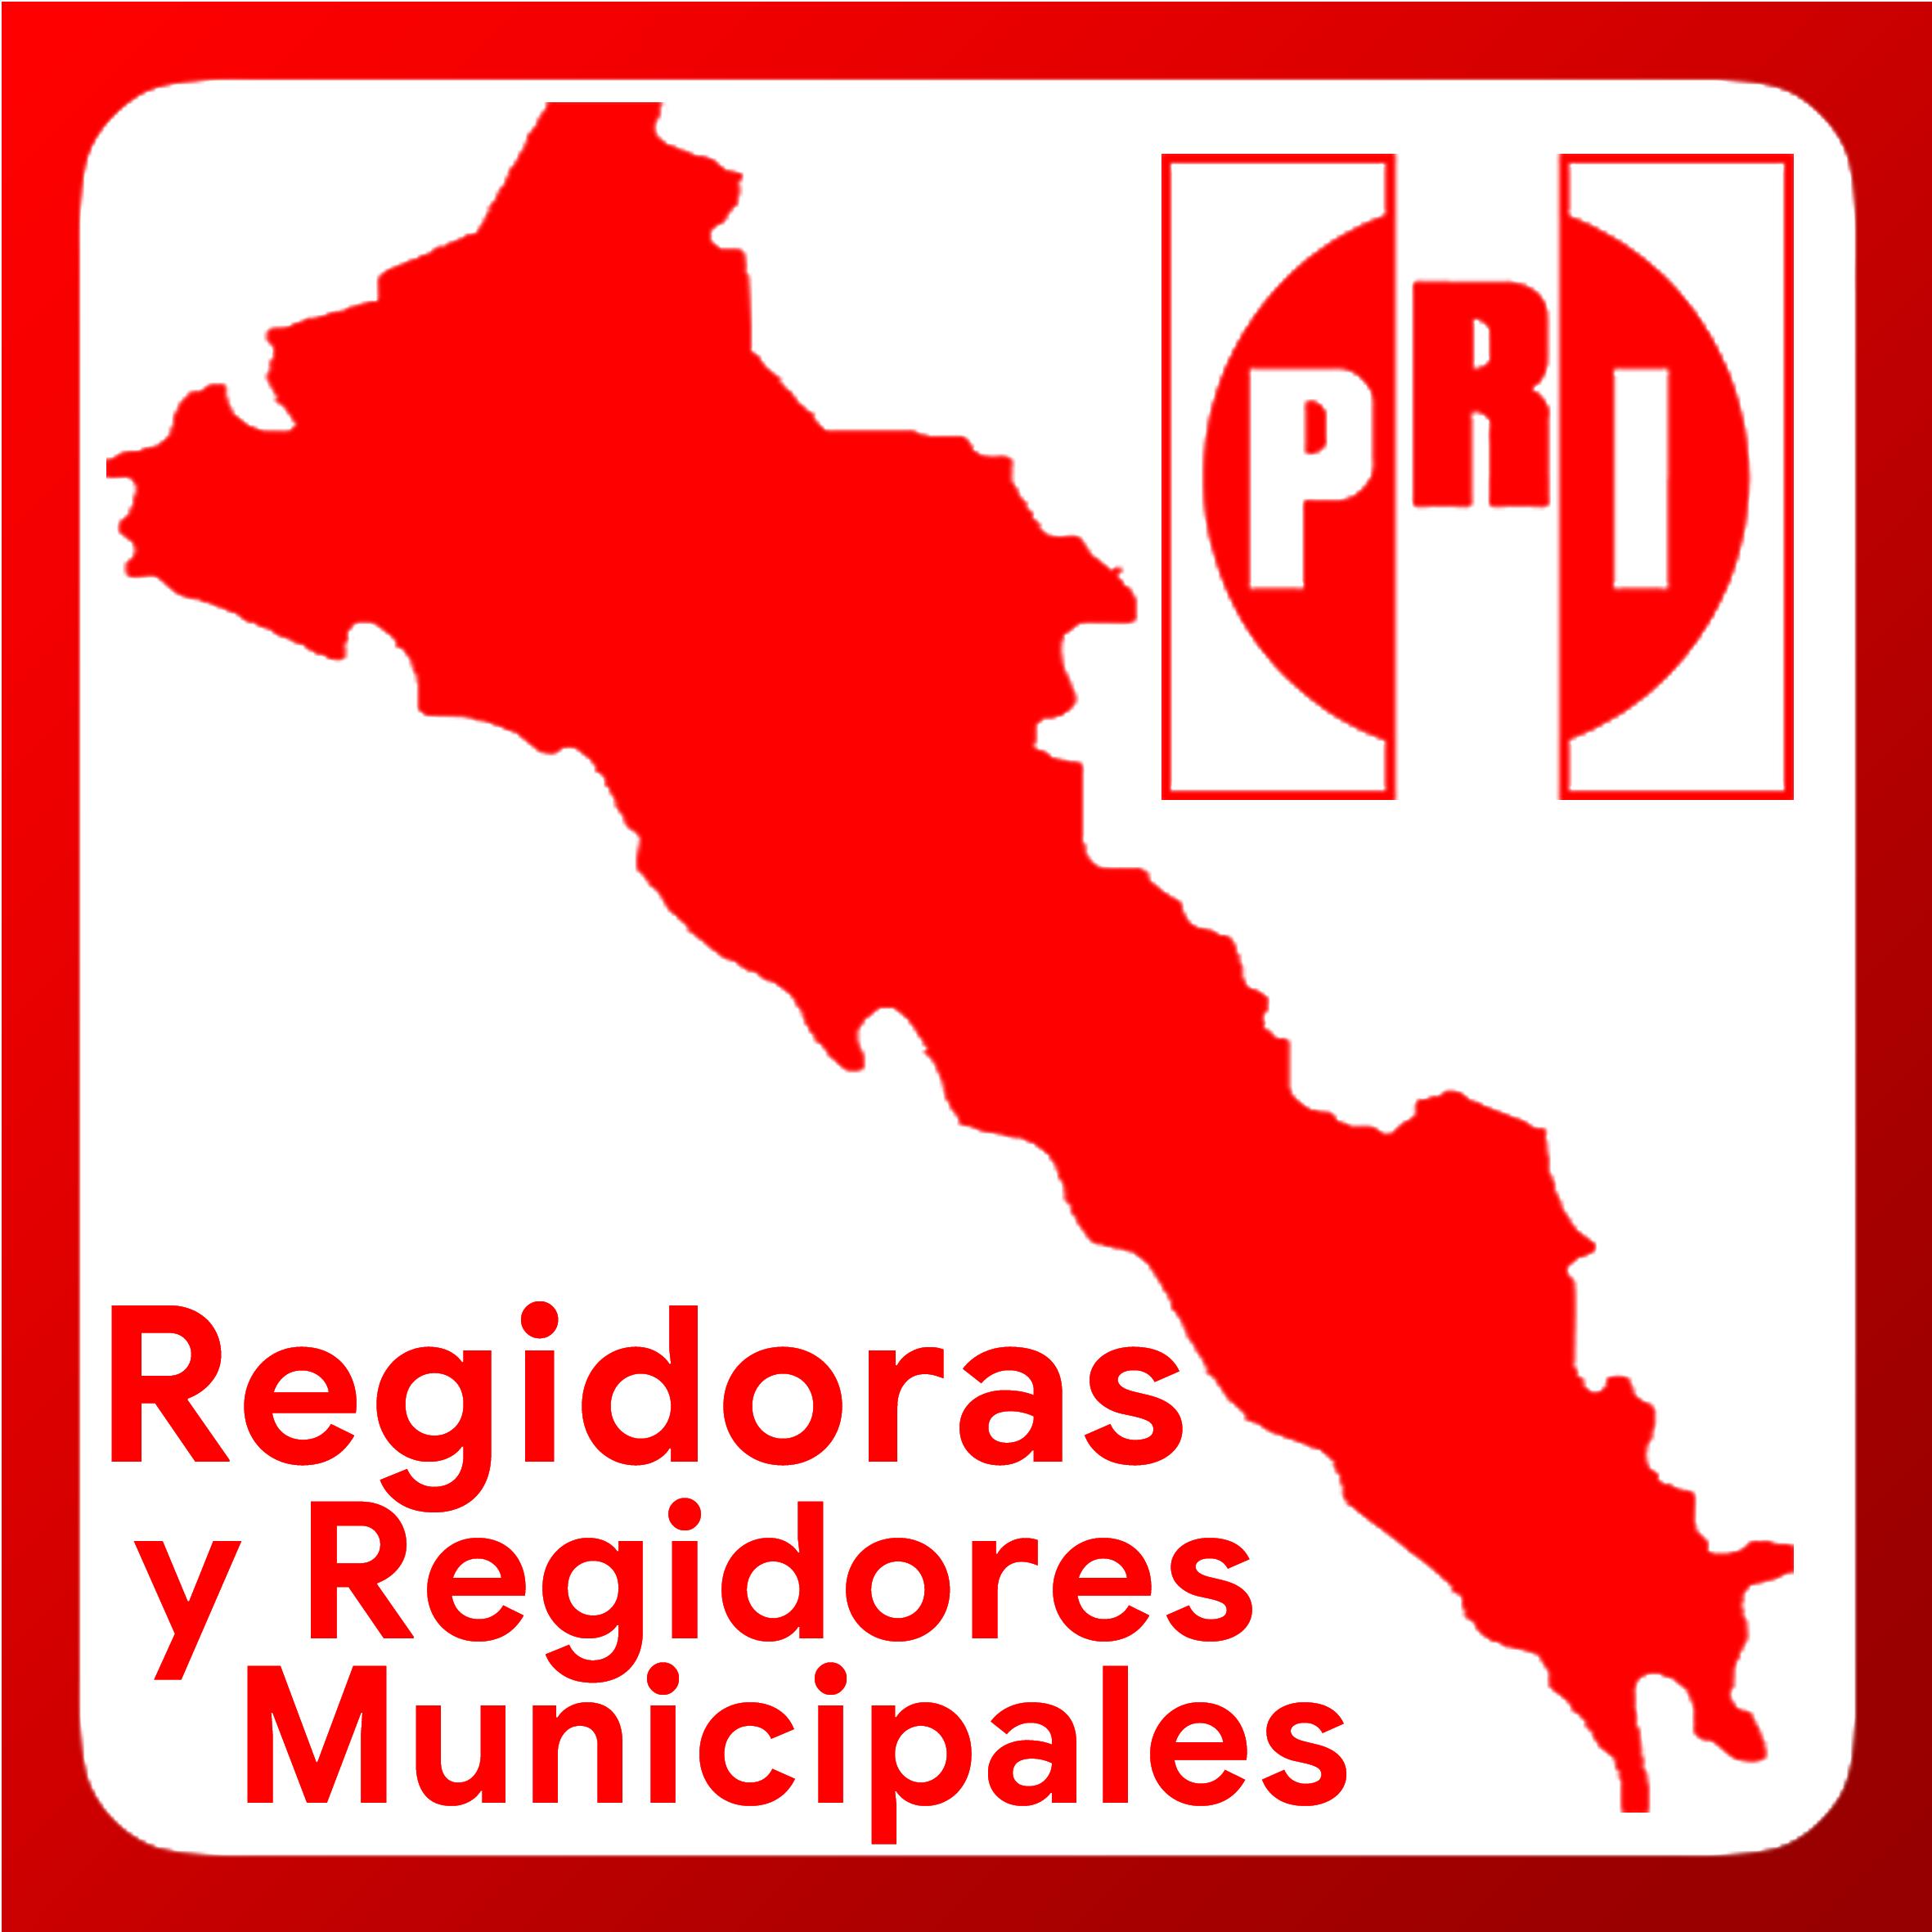 Boton activable de Regidoras y Regidores Municipales